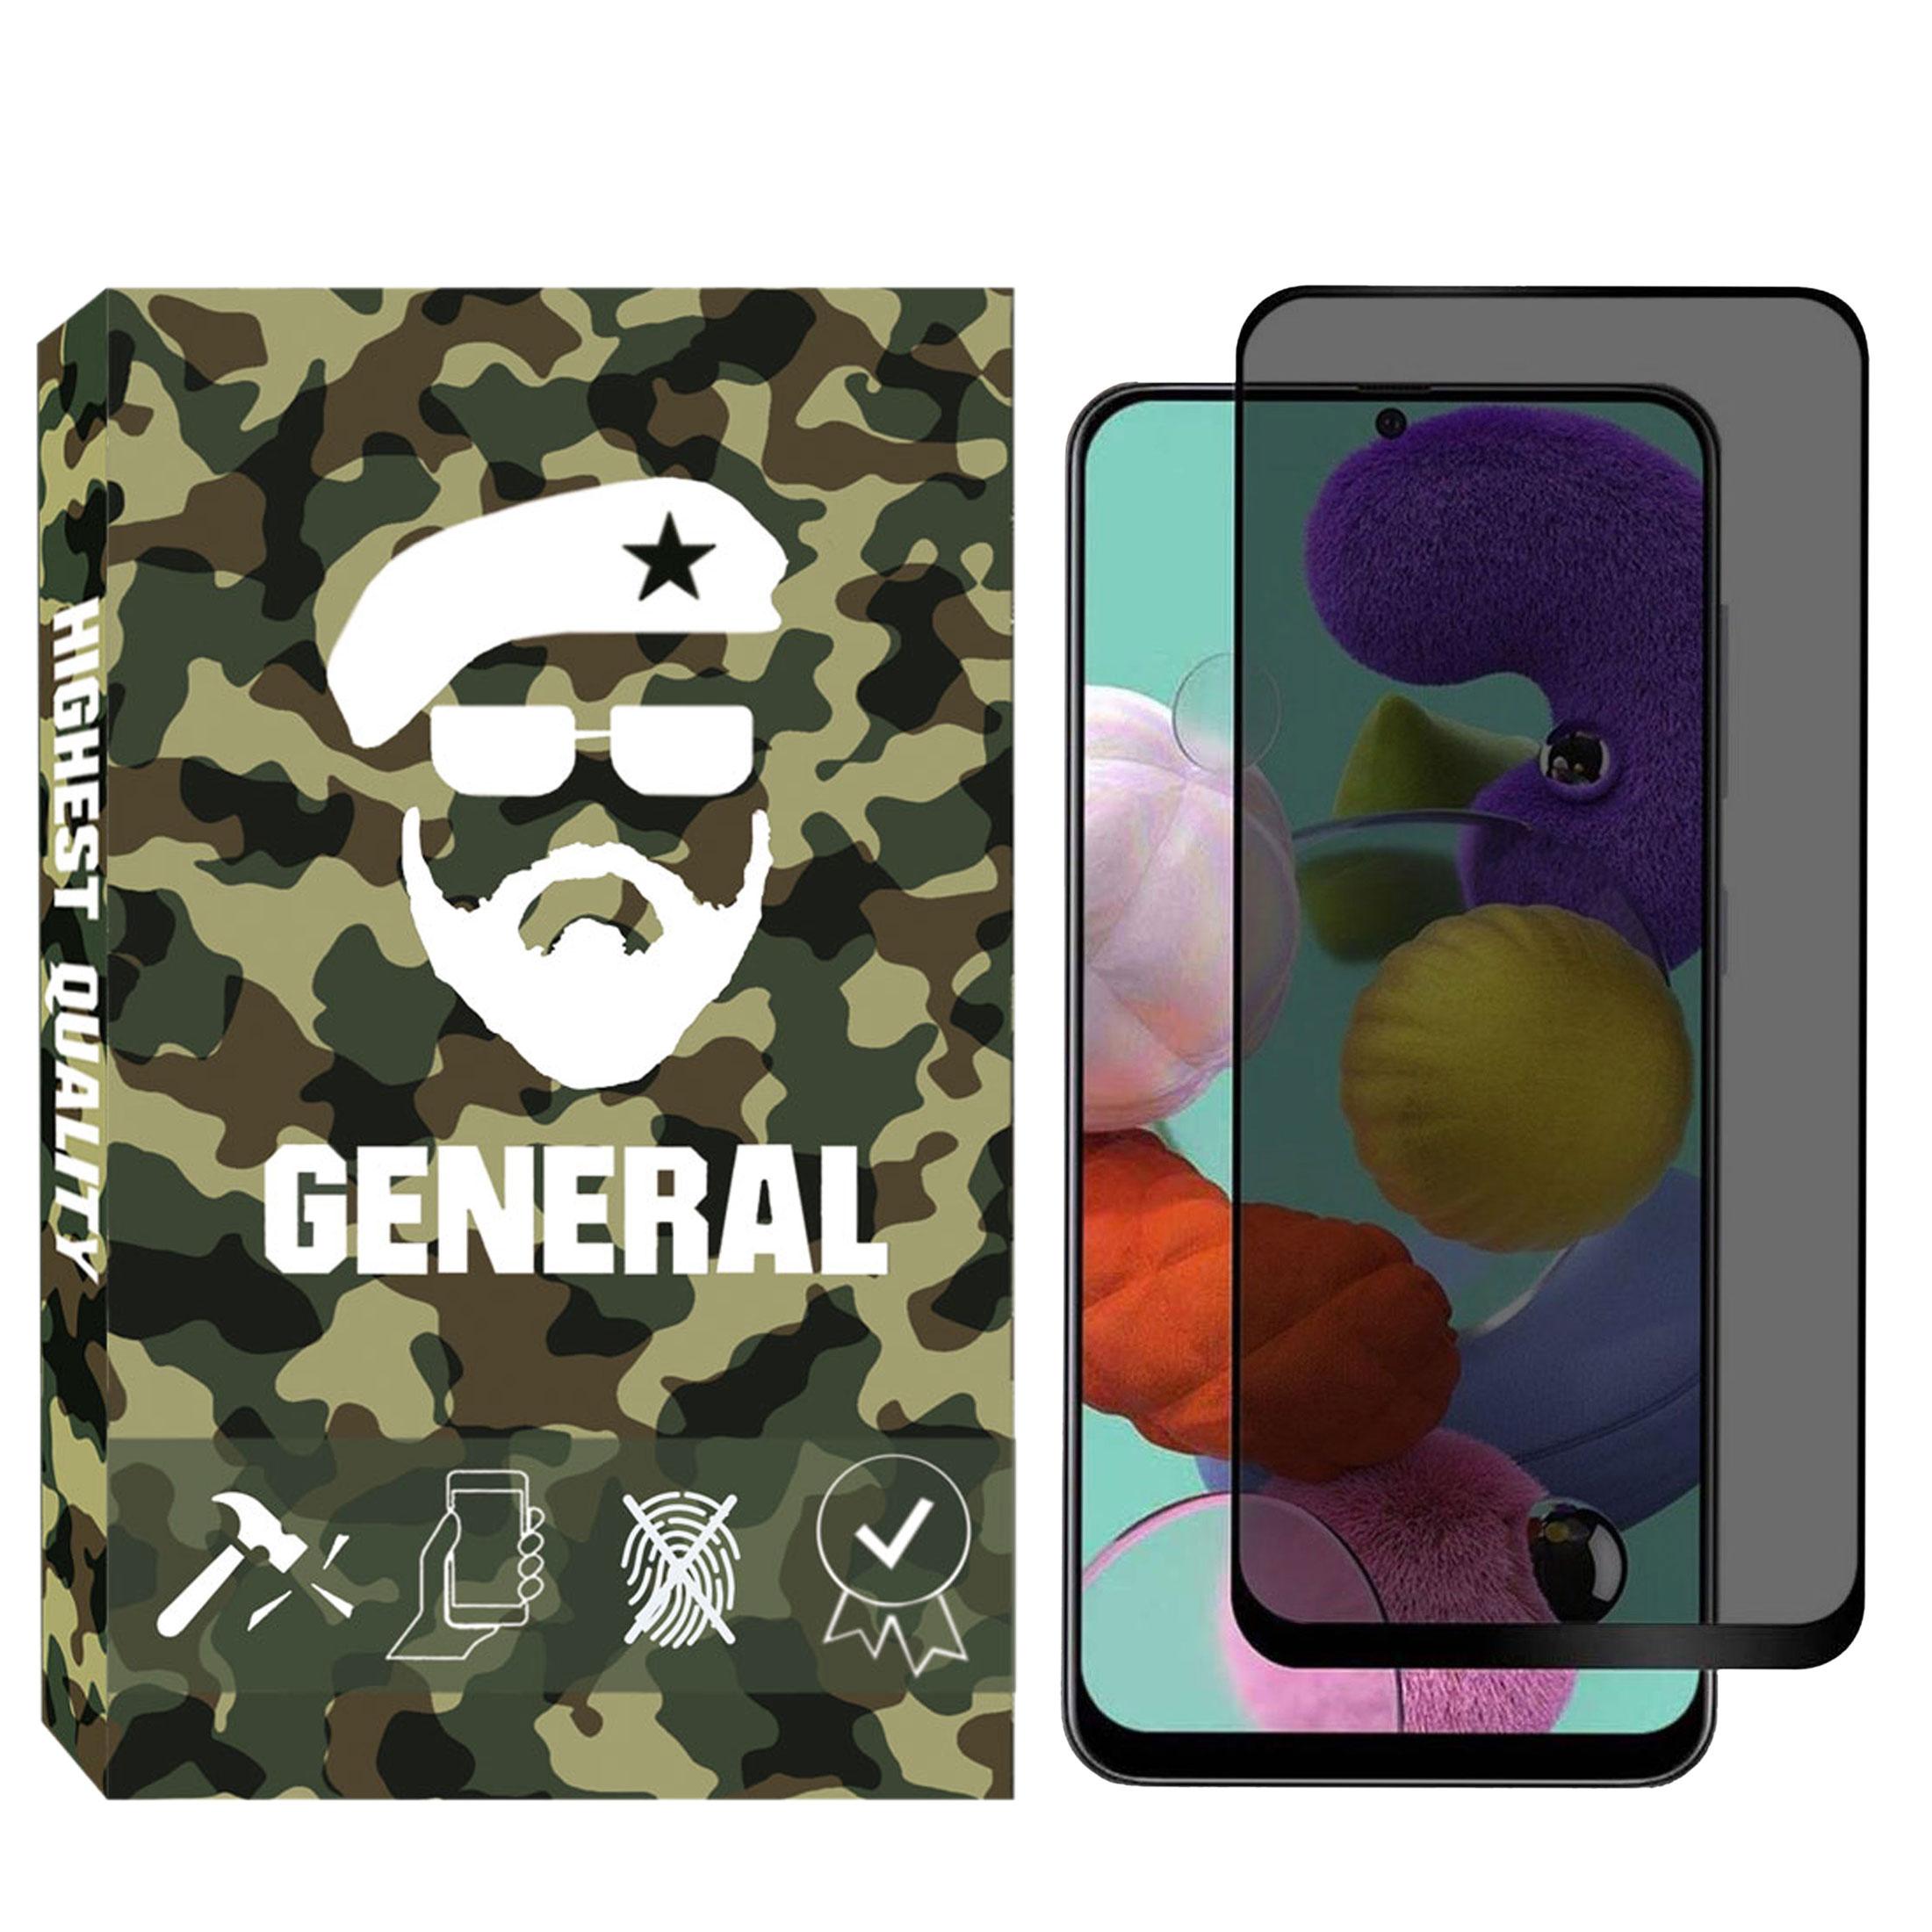 محافظ صفحه نمایش حریم شخصی ژنرال مدل GNprv-01 مناسب برای گوشی موبایل سامسونگ Galaxy A51